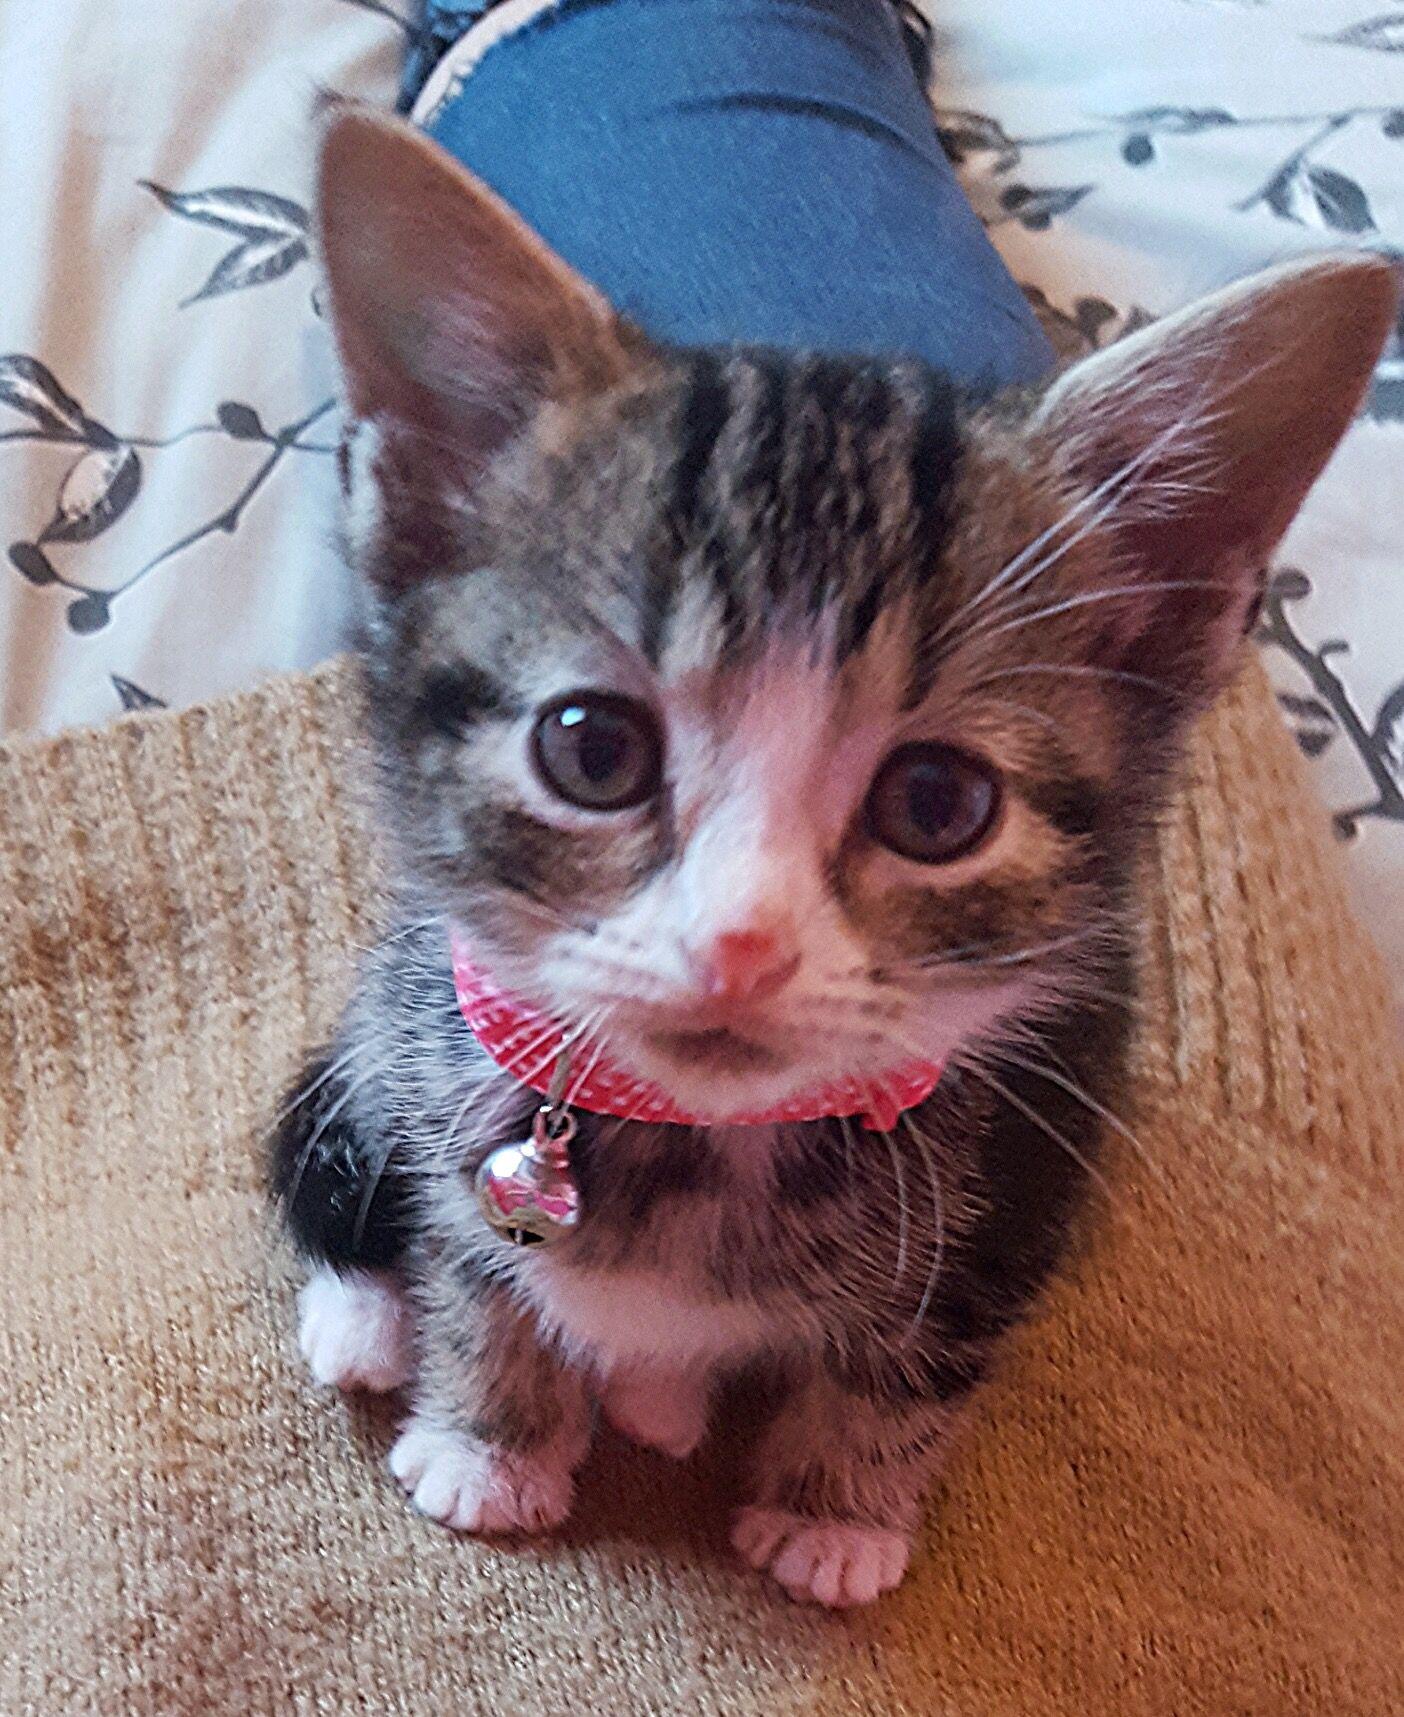 Binky Baby cats, Binky, Kittens